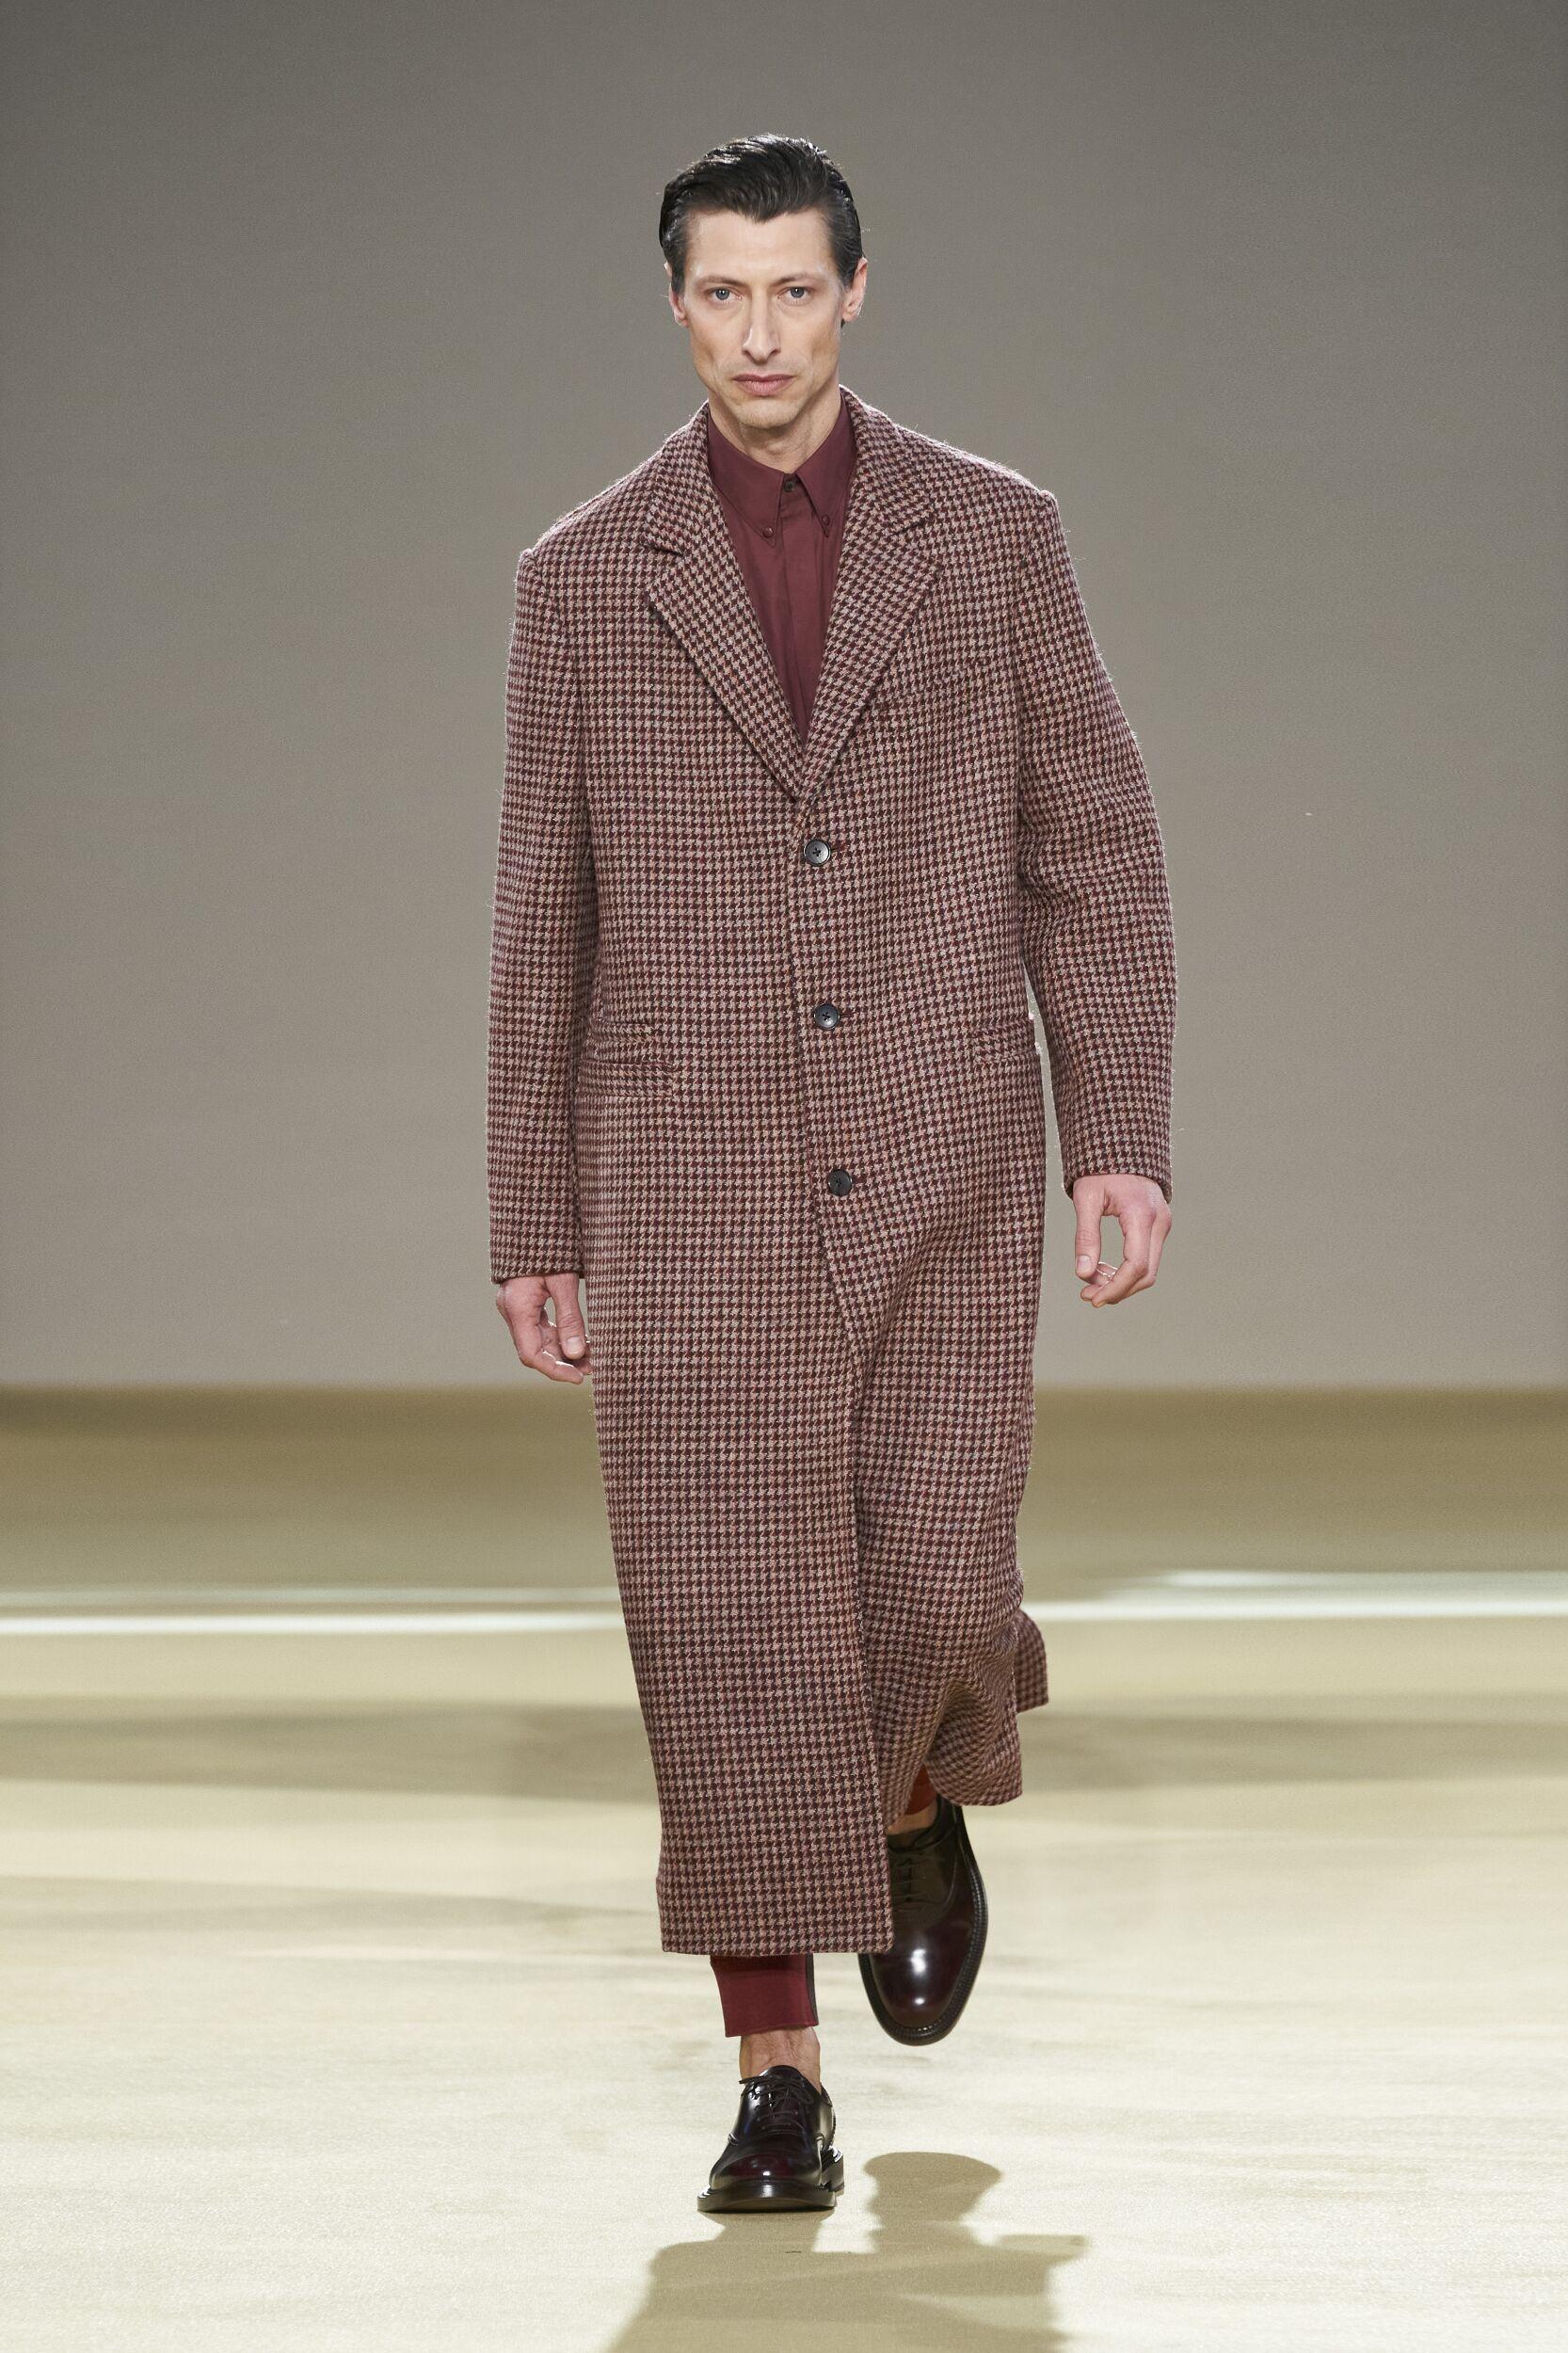 Salvatore Ferragamo Menswear Fashion Show